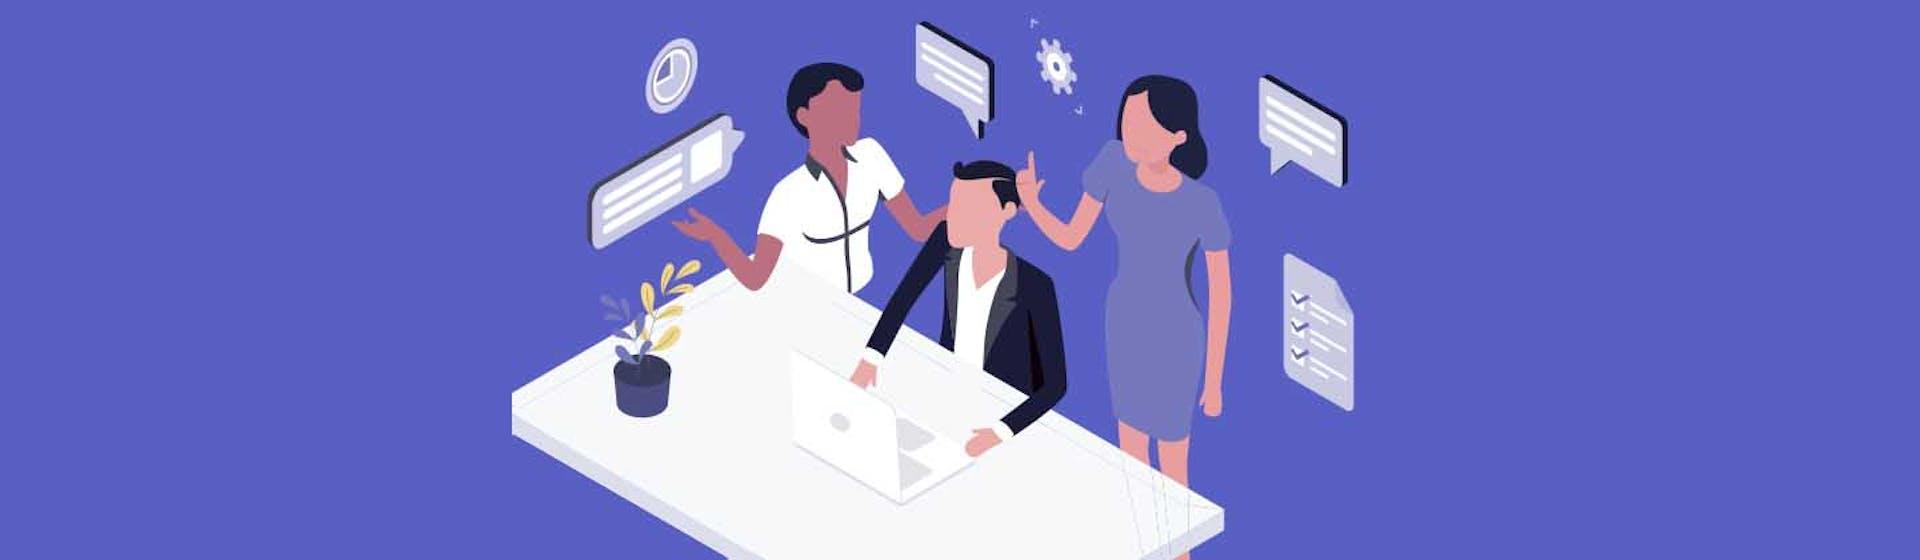 ¿Qué es el reparto de utilidades? Aprende cómo se dividen las utilidades y cómo instrumentarlo en una empresa